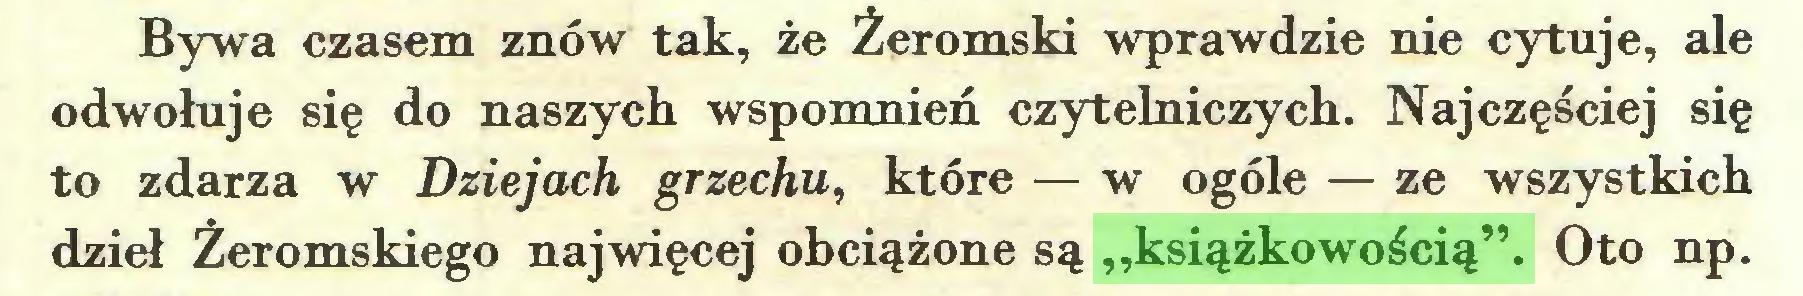 """(...) Bywa czasem znów tak, że Żeromski wprawdzie nie cytuje, ale odwołuje się do naszych wspomnień czytelniczych. Najczęściej się to zdarza w Dziejach grzechu, które — w ogóle — ze wszystkich dzieł Żeromskiego najwięcej obciążone są """"książkowością"""". Oto np..."""